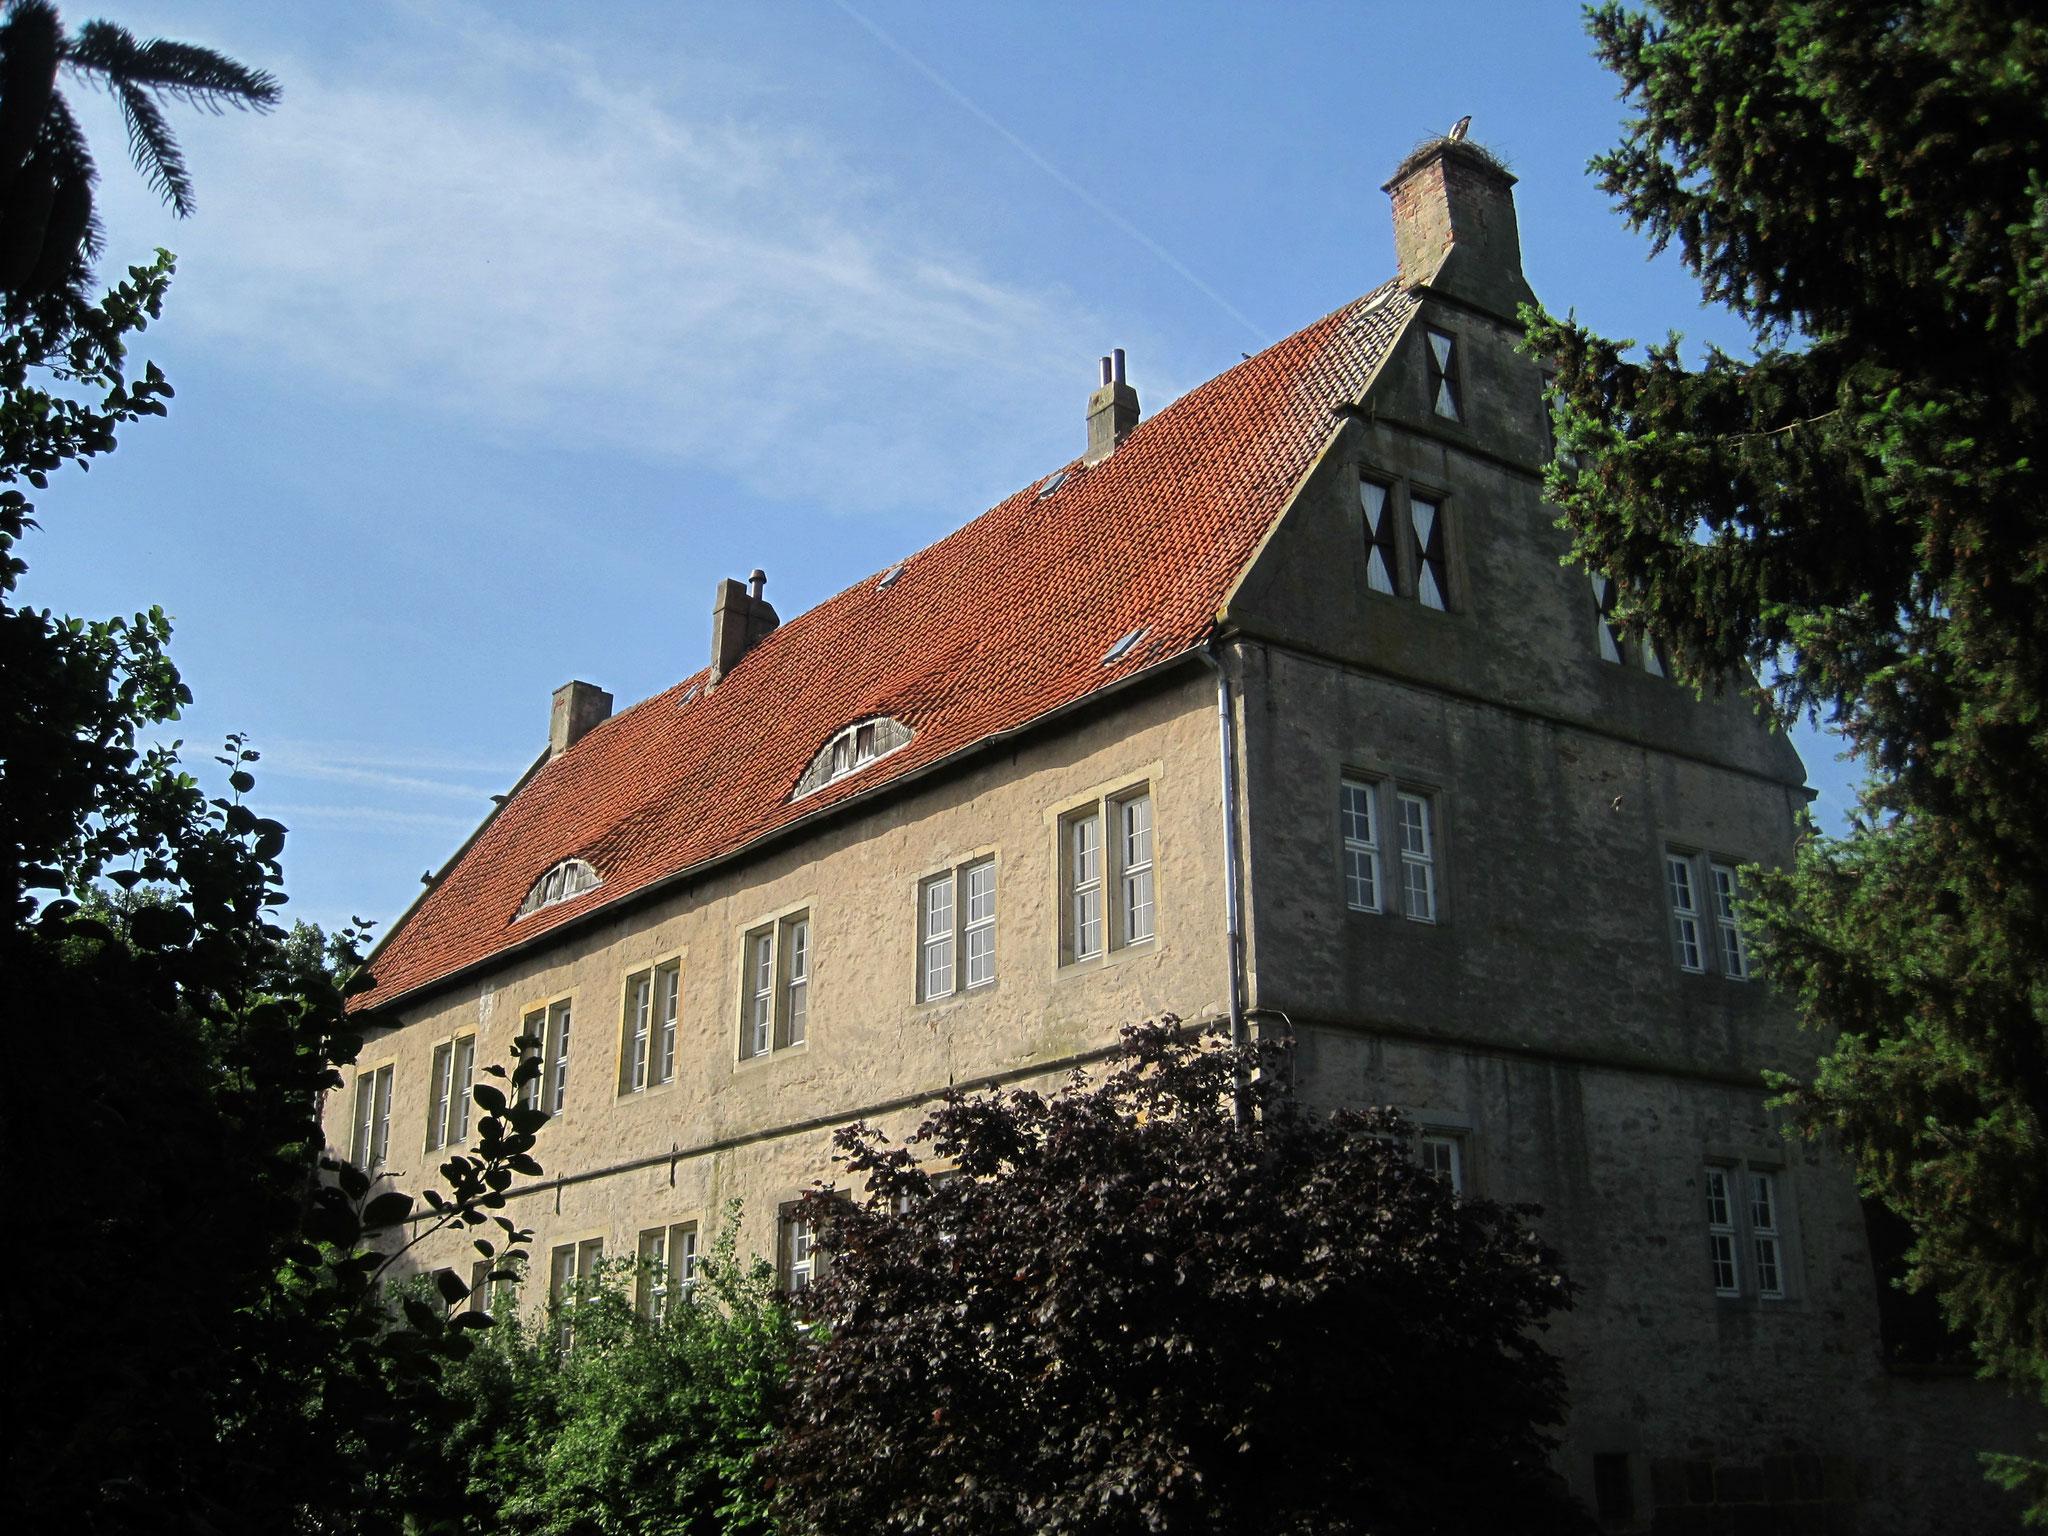 Burg Schlüsselburg